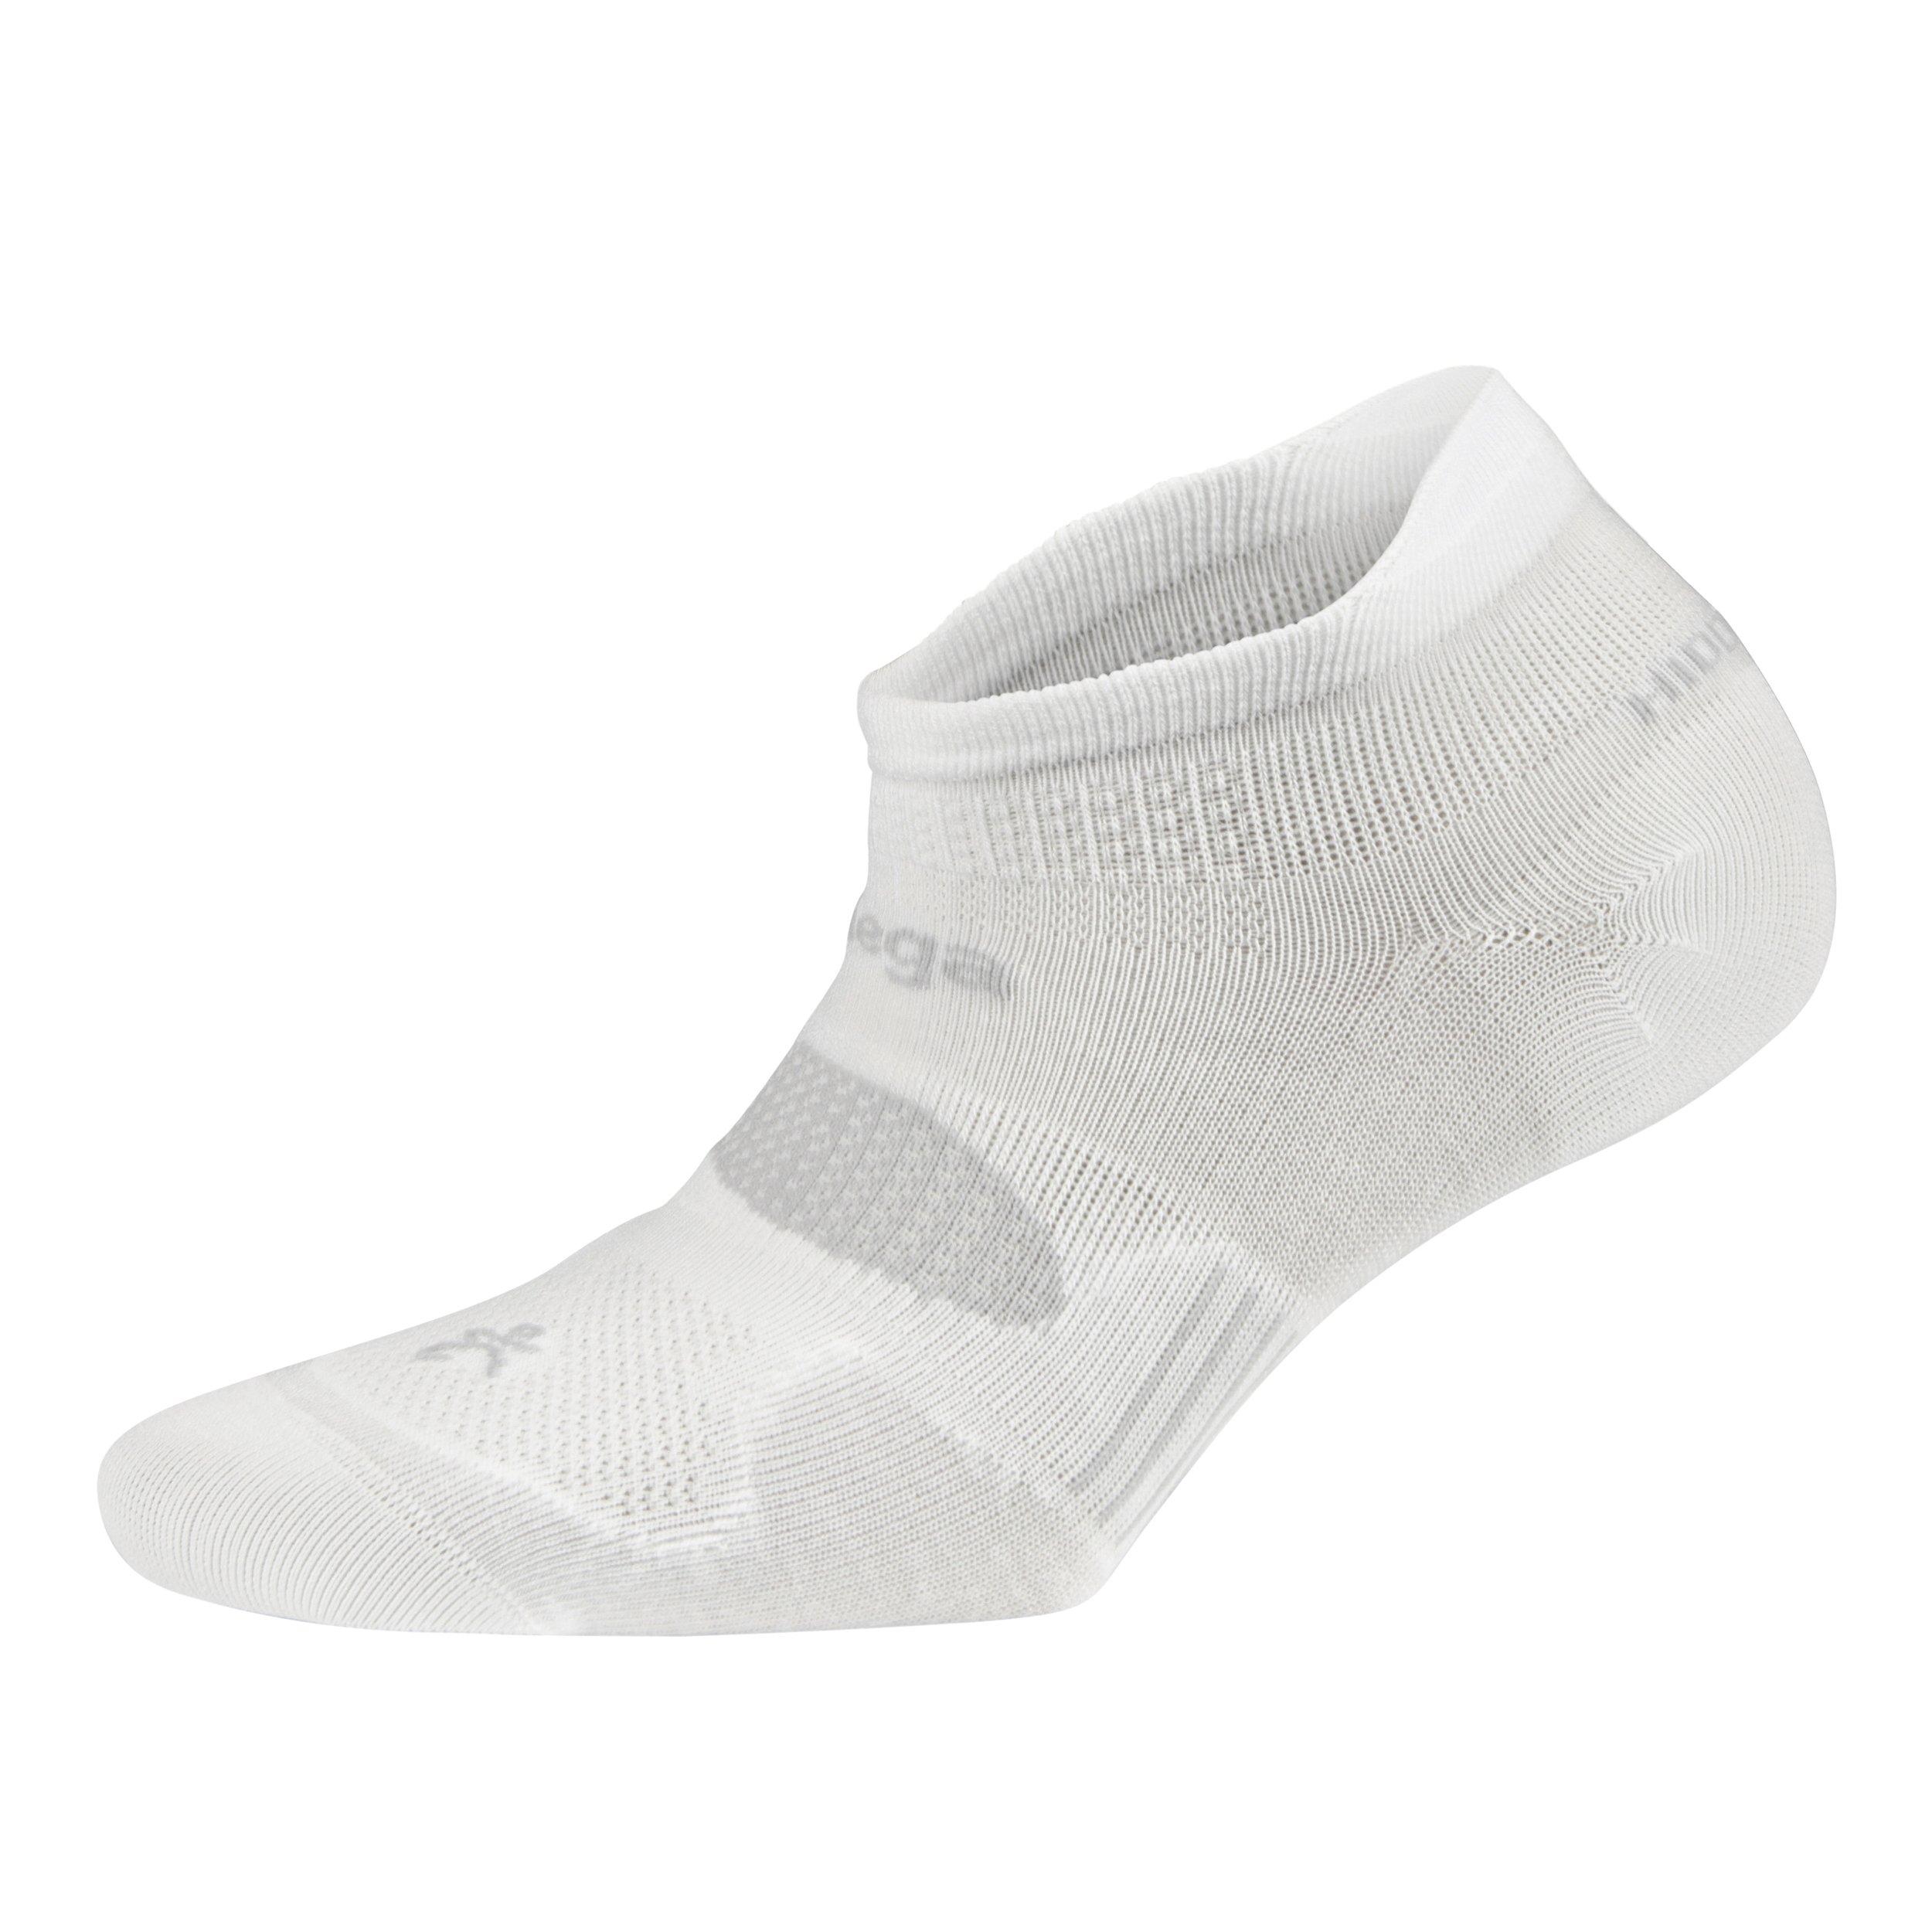 Balega Hidden Dry Moisture-Wicking Socks For Men and Women (1 Pair), White, Medium